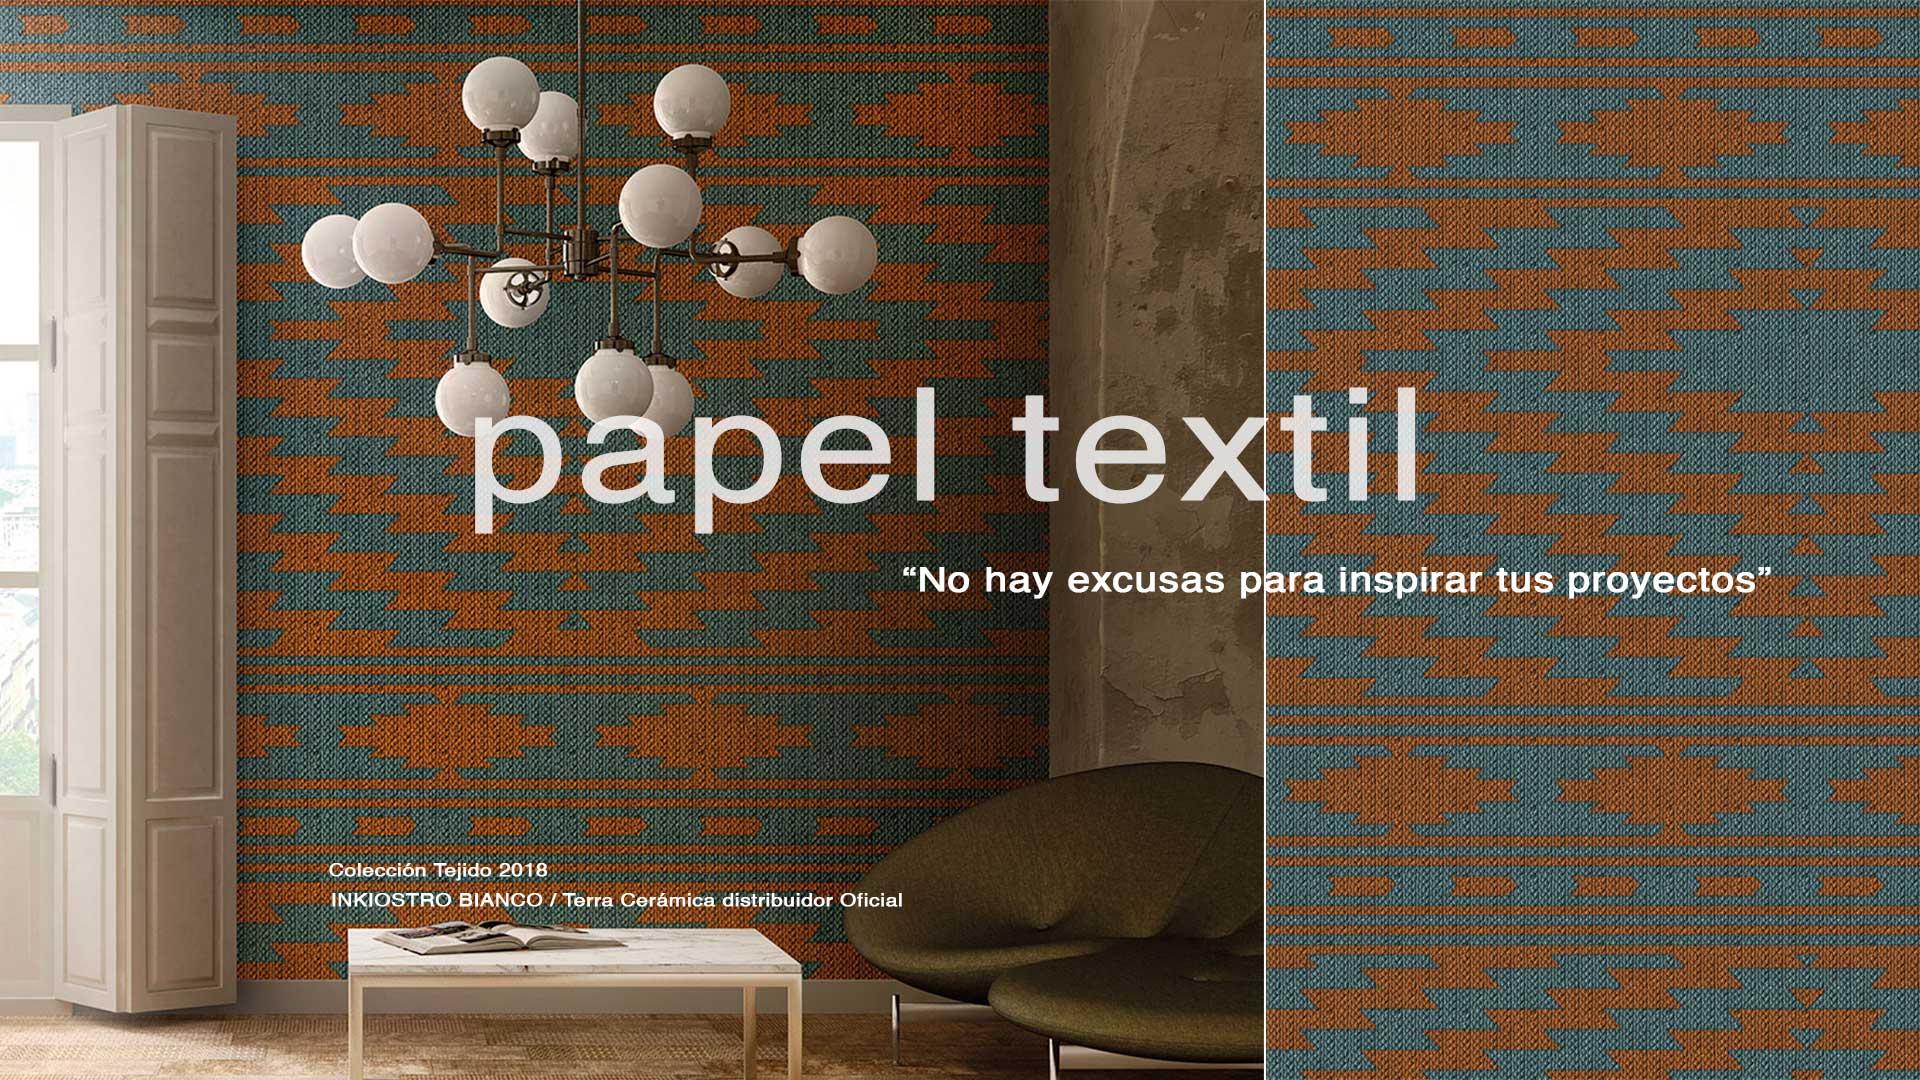 Papel textil para decorar tus proyectos